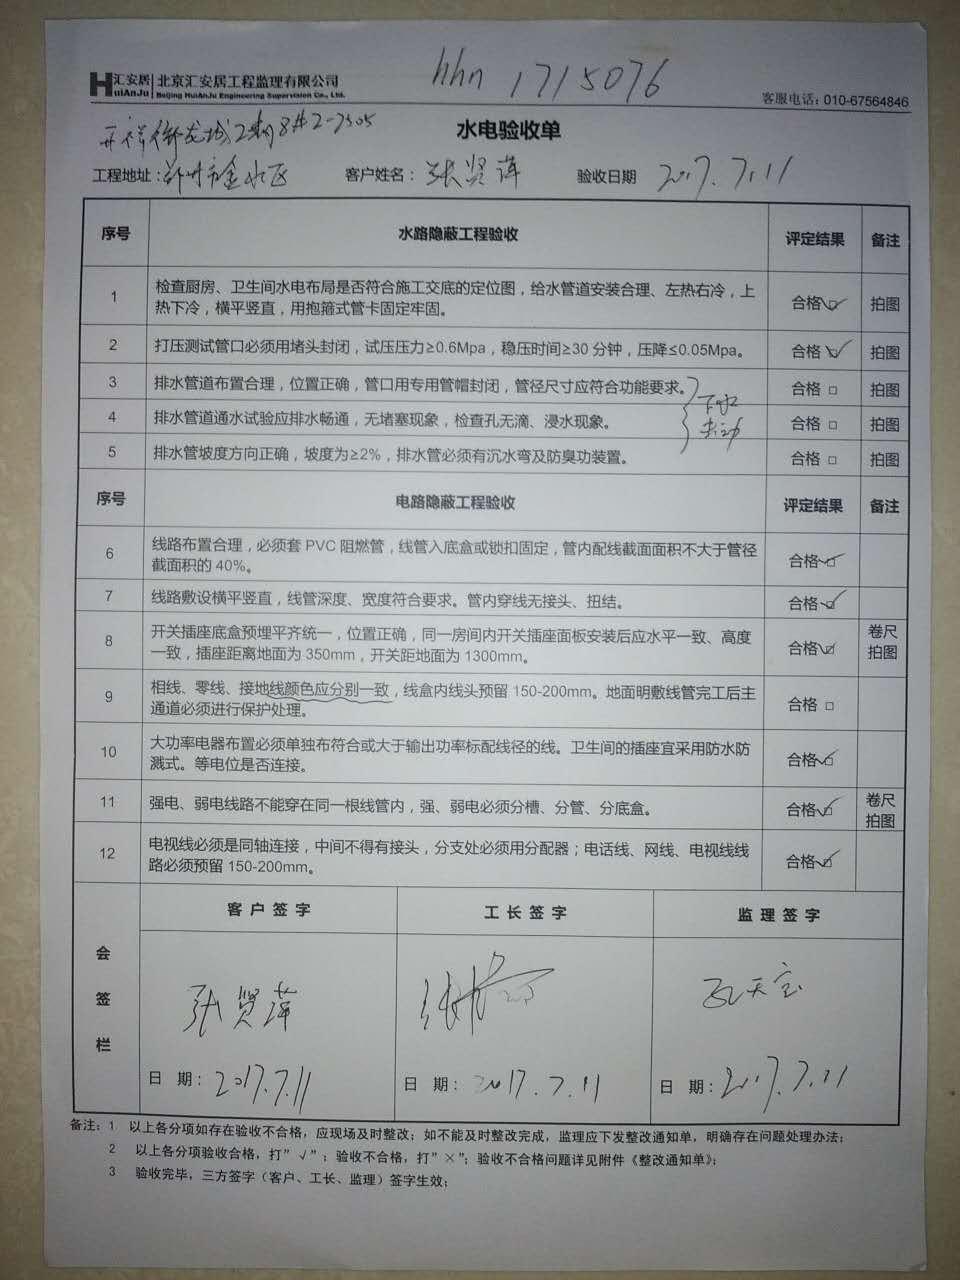 【监理报告】水电验收的注意事项